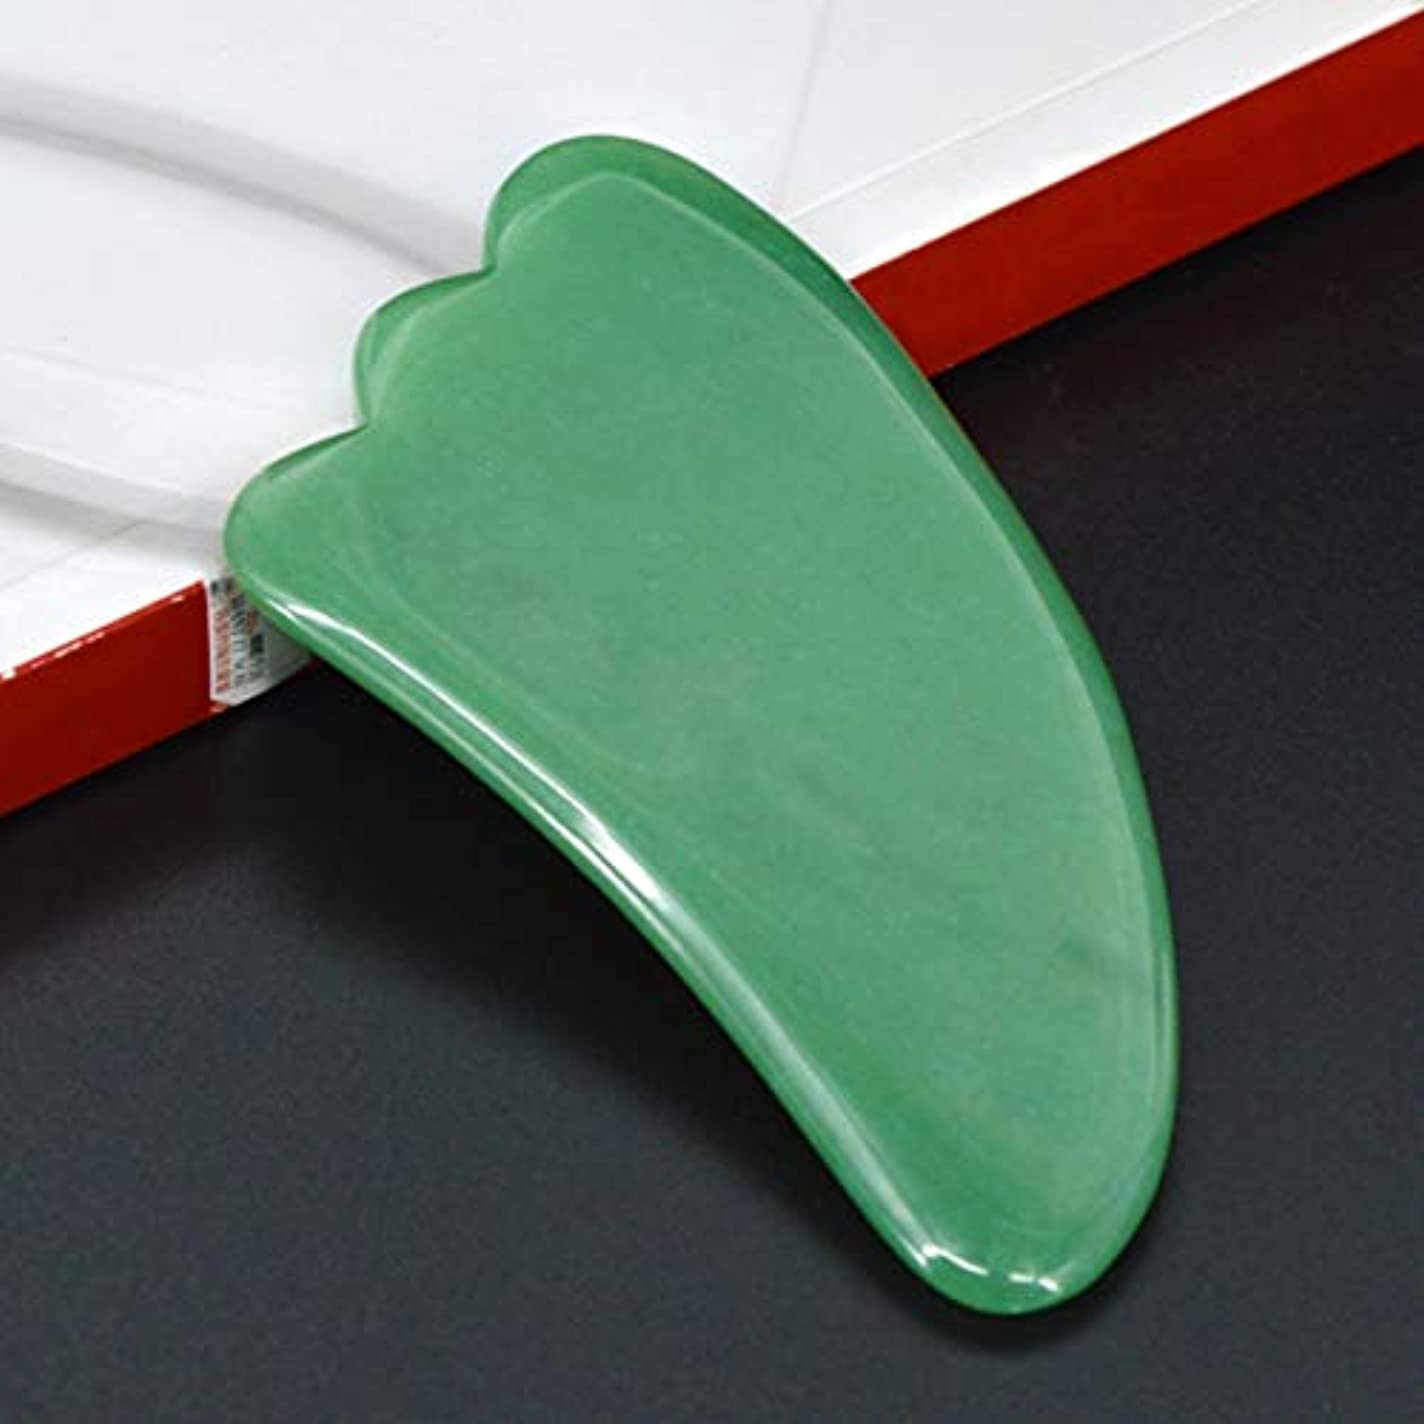 象重要性検出器Compact Size Gua Sha Facial Treatment Massage Tool Chinese Natural Jade Scraping Tools Massage Healing Tool